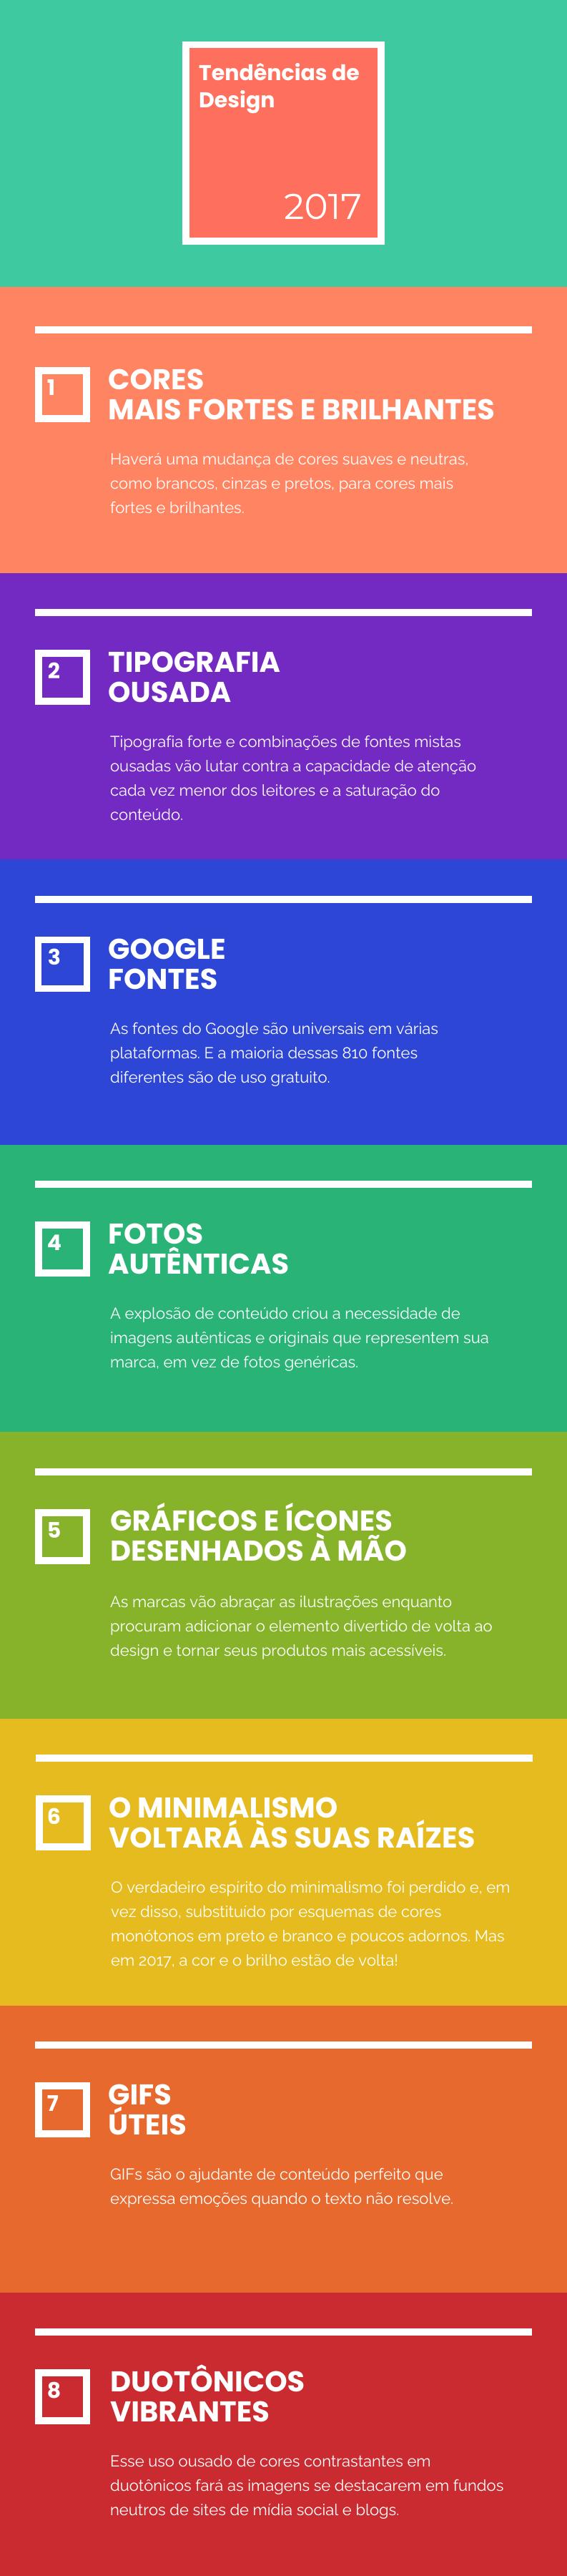 tendências de design gráfico em 2017